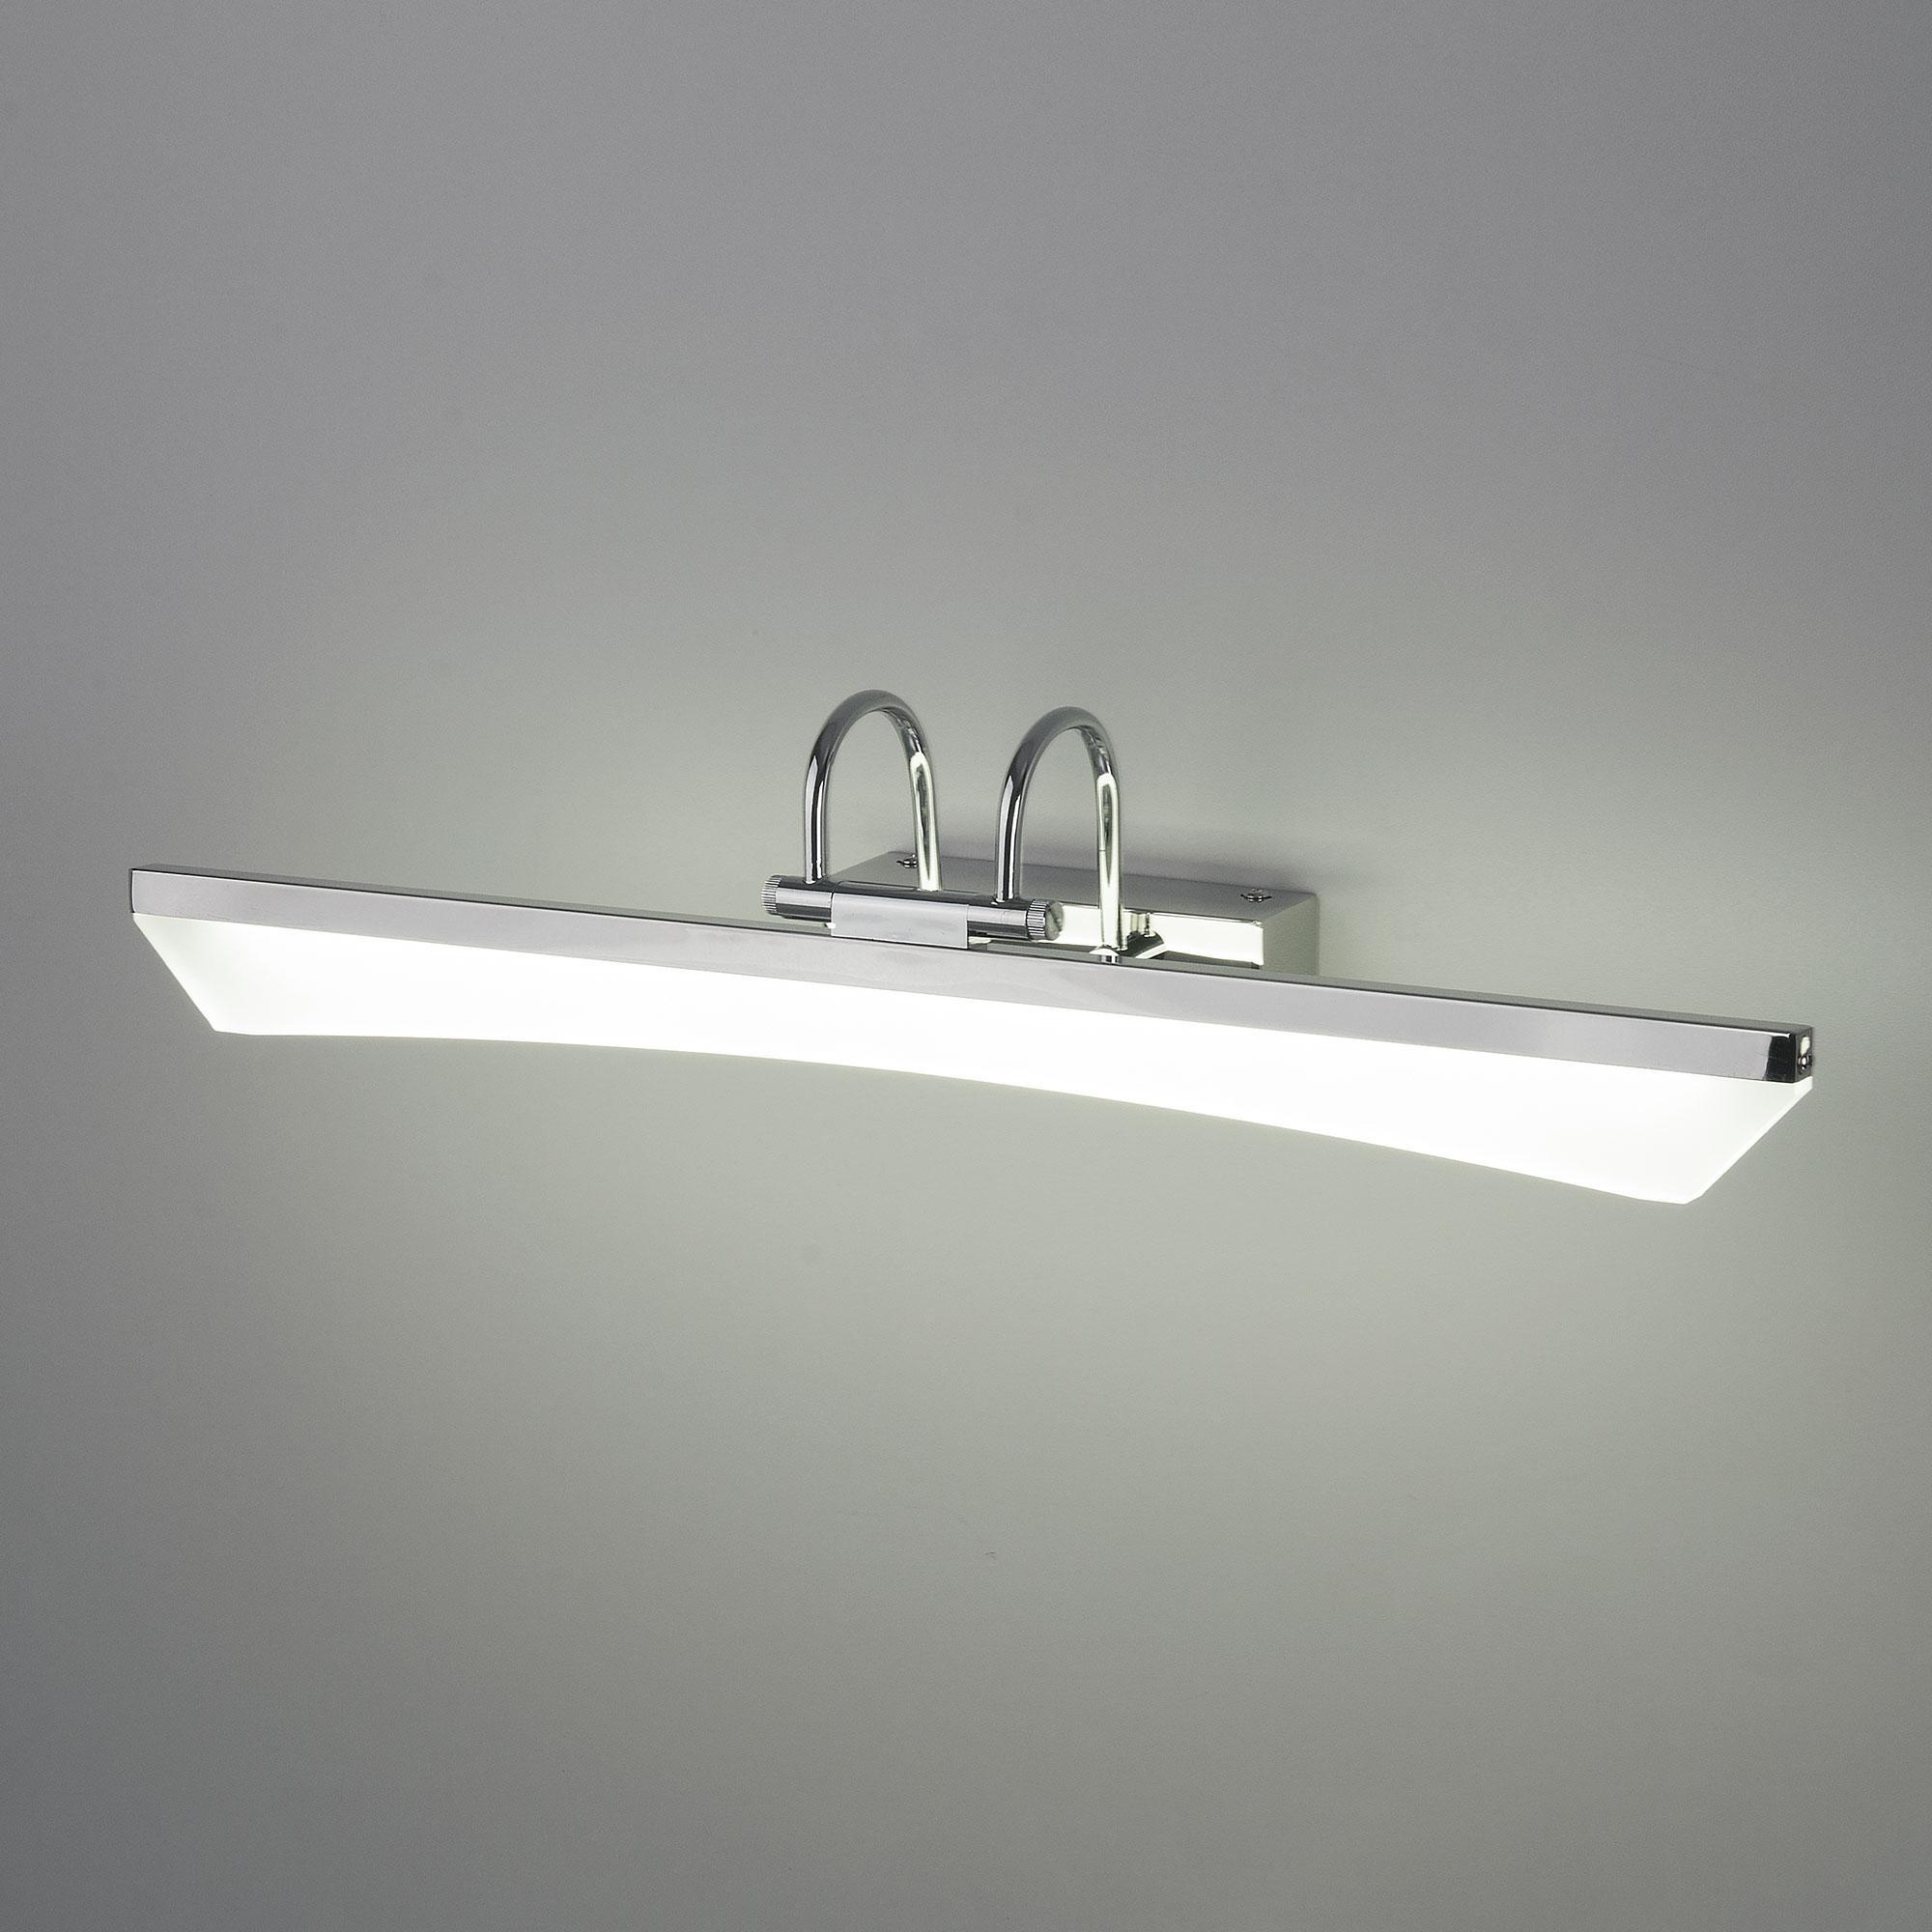 Декоративная подсветка может стать изюминкой интерьера